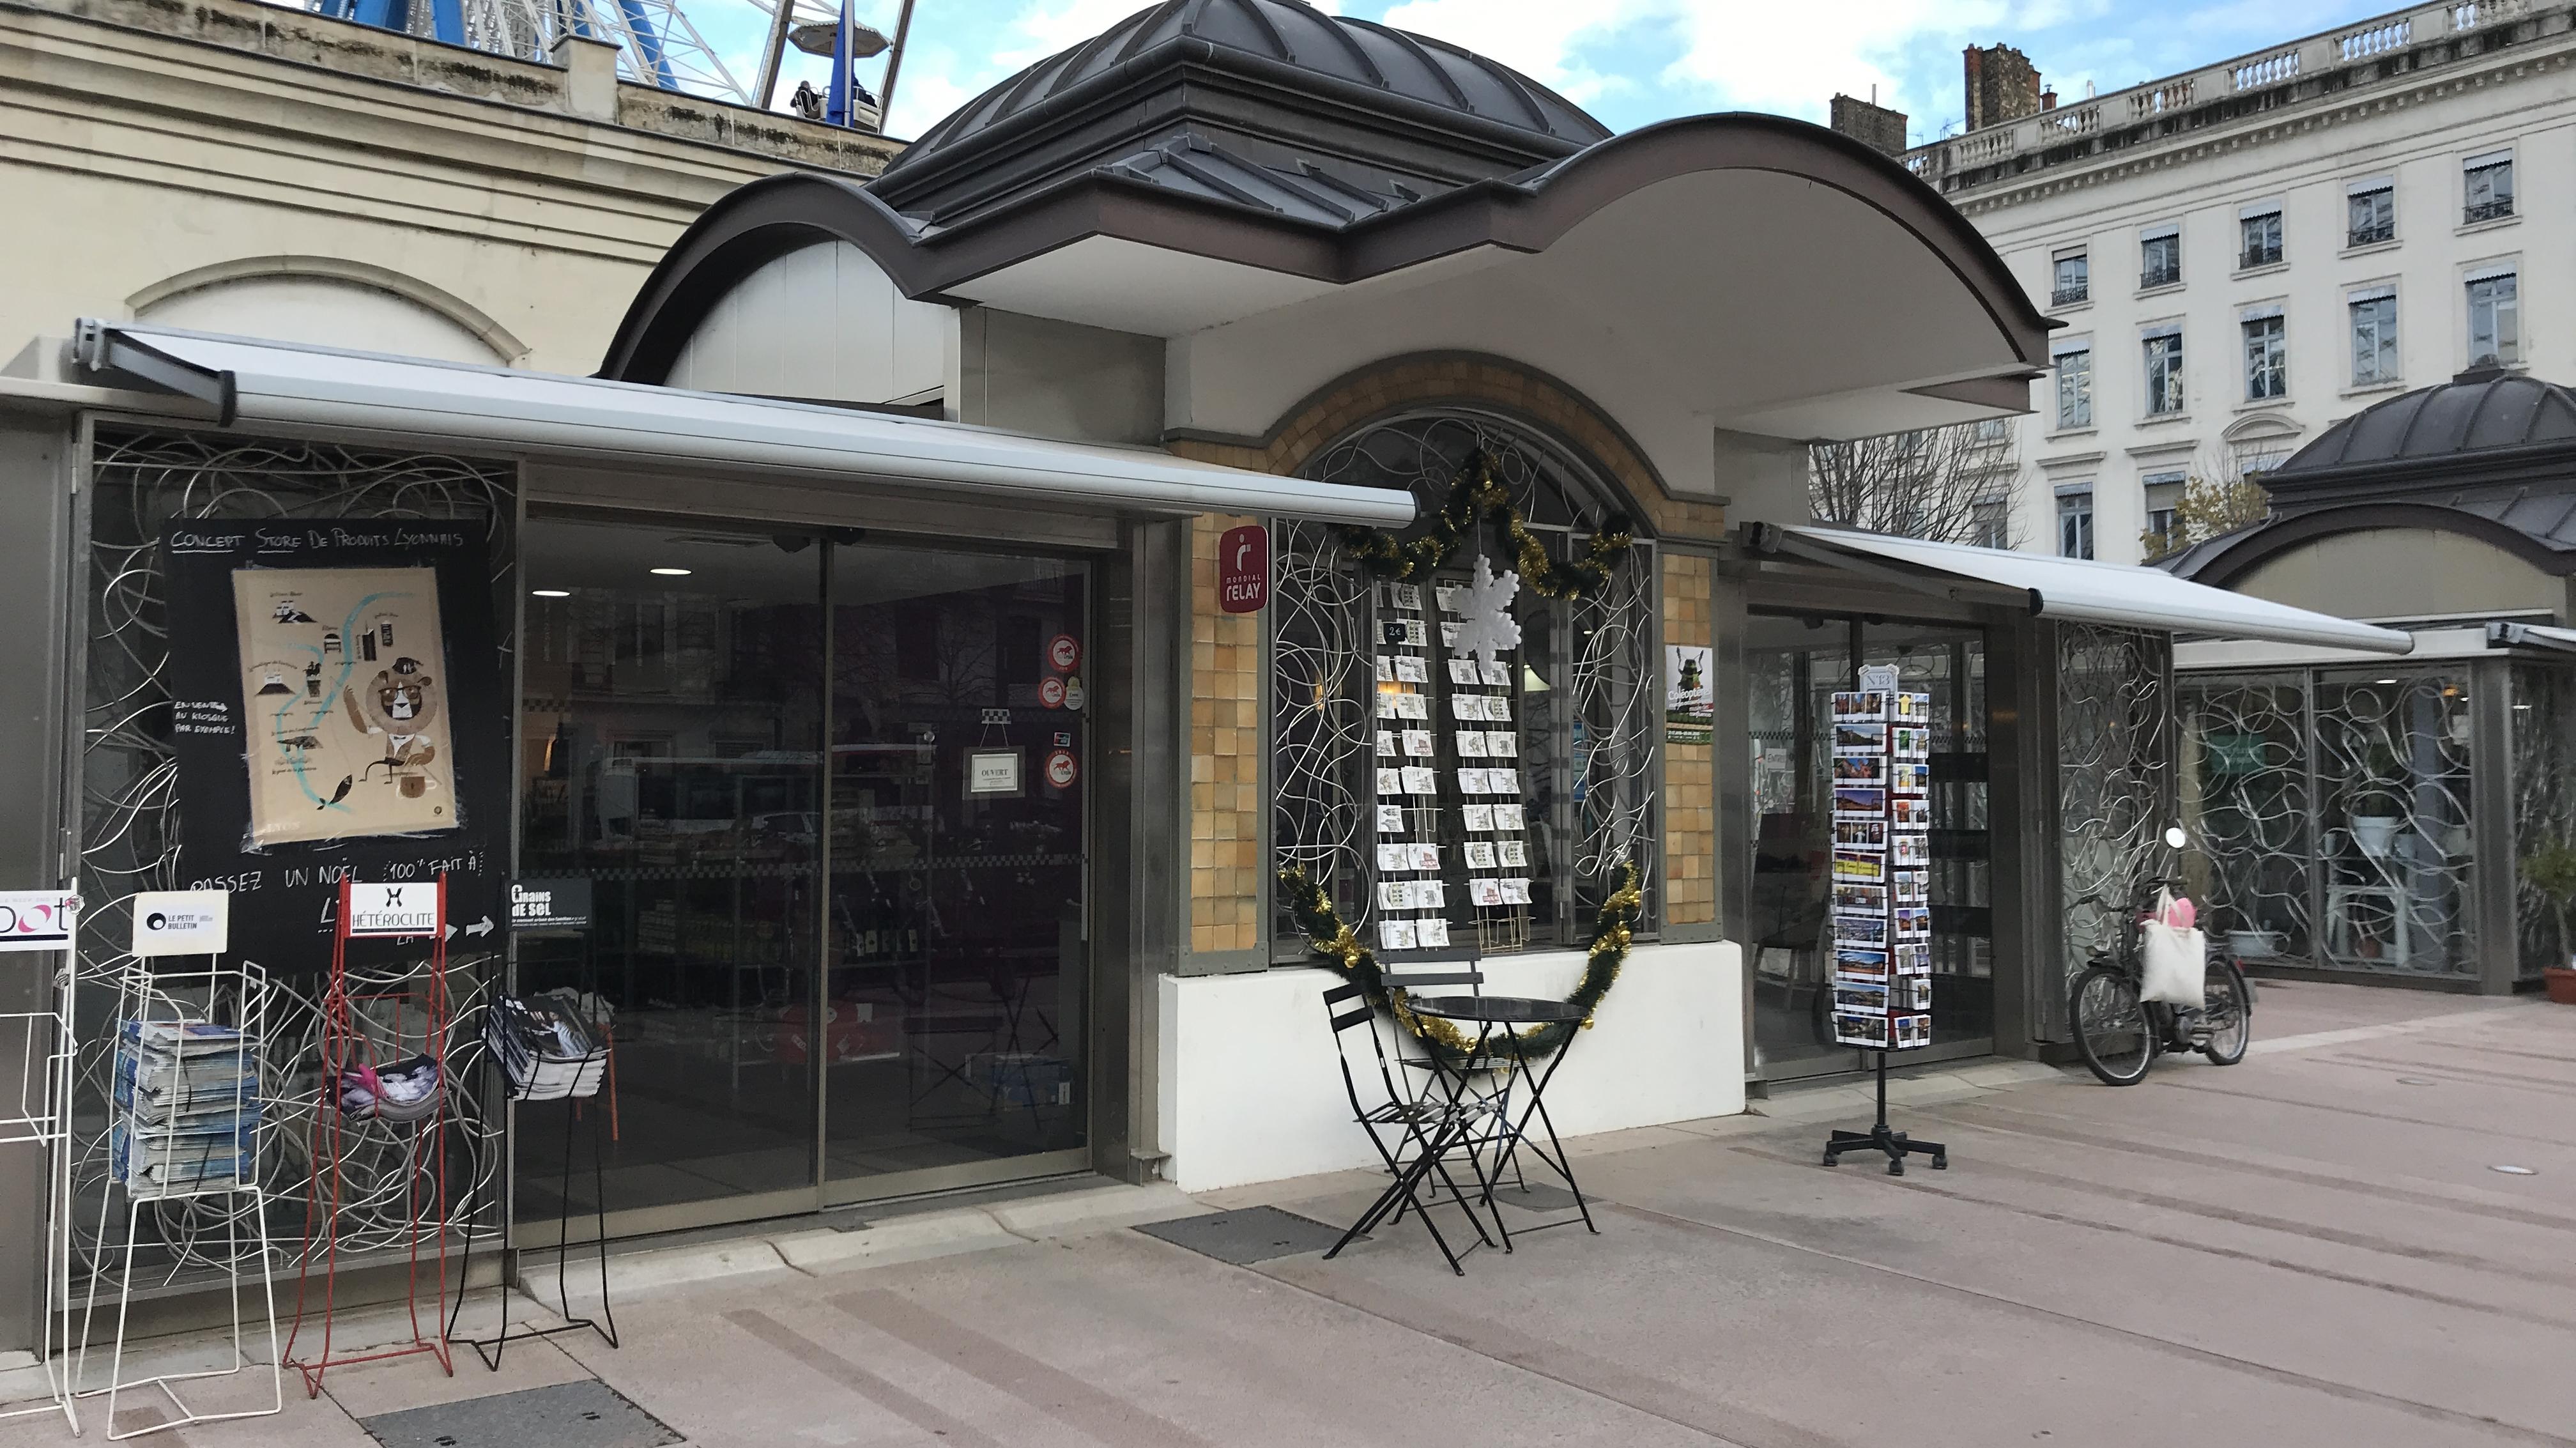 Kiosque in Lyon